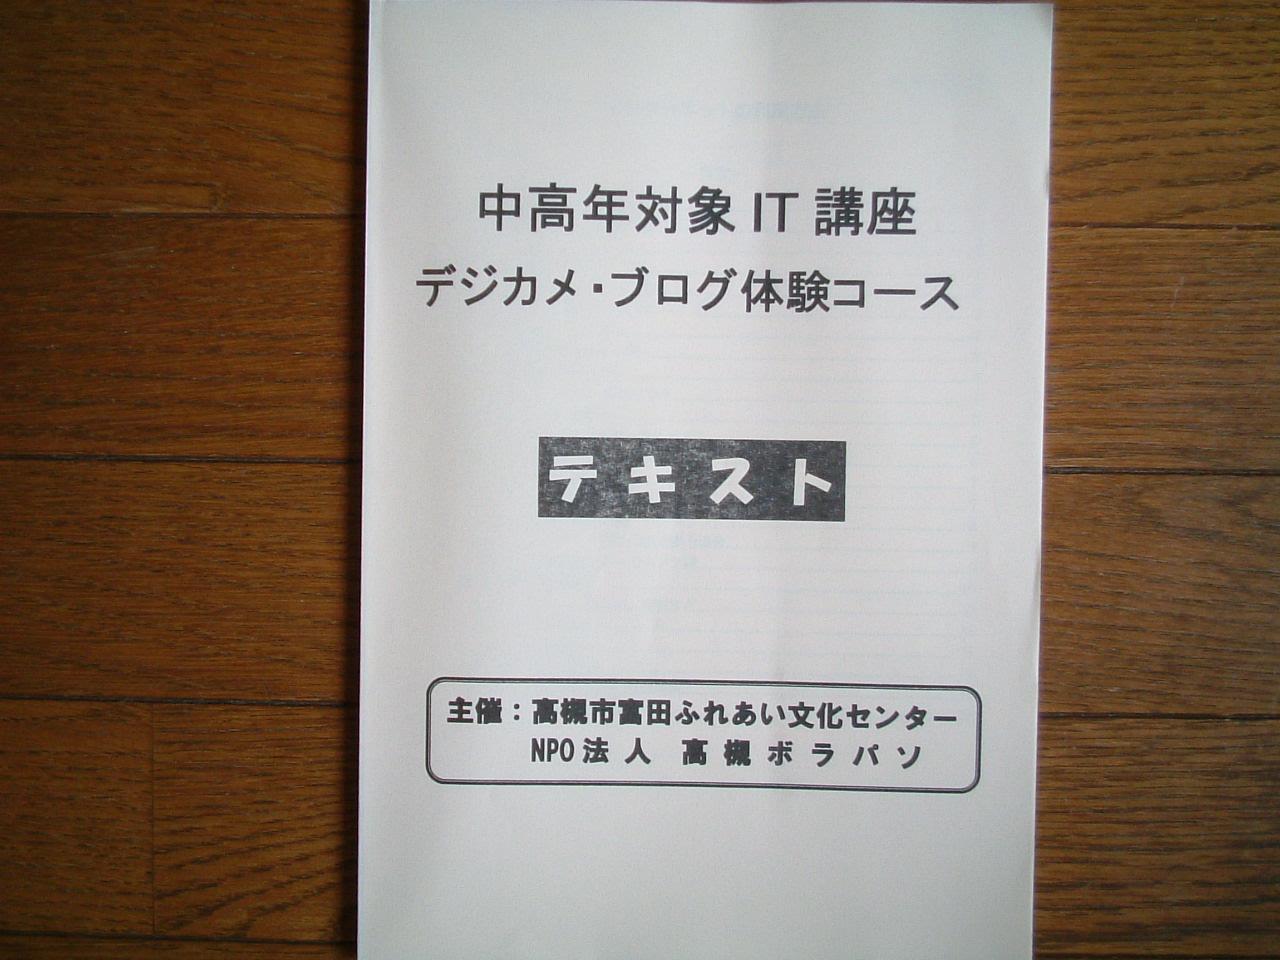 Dscf0003_2